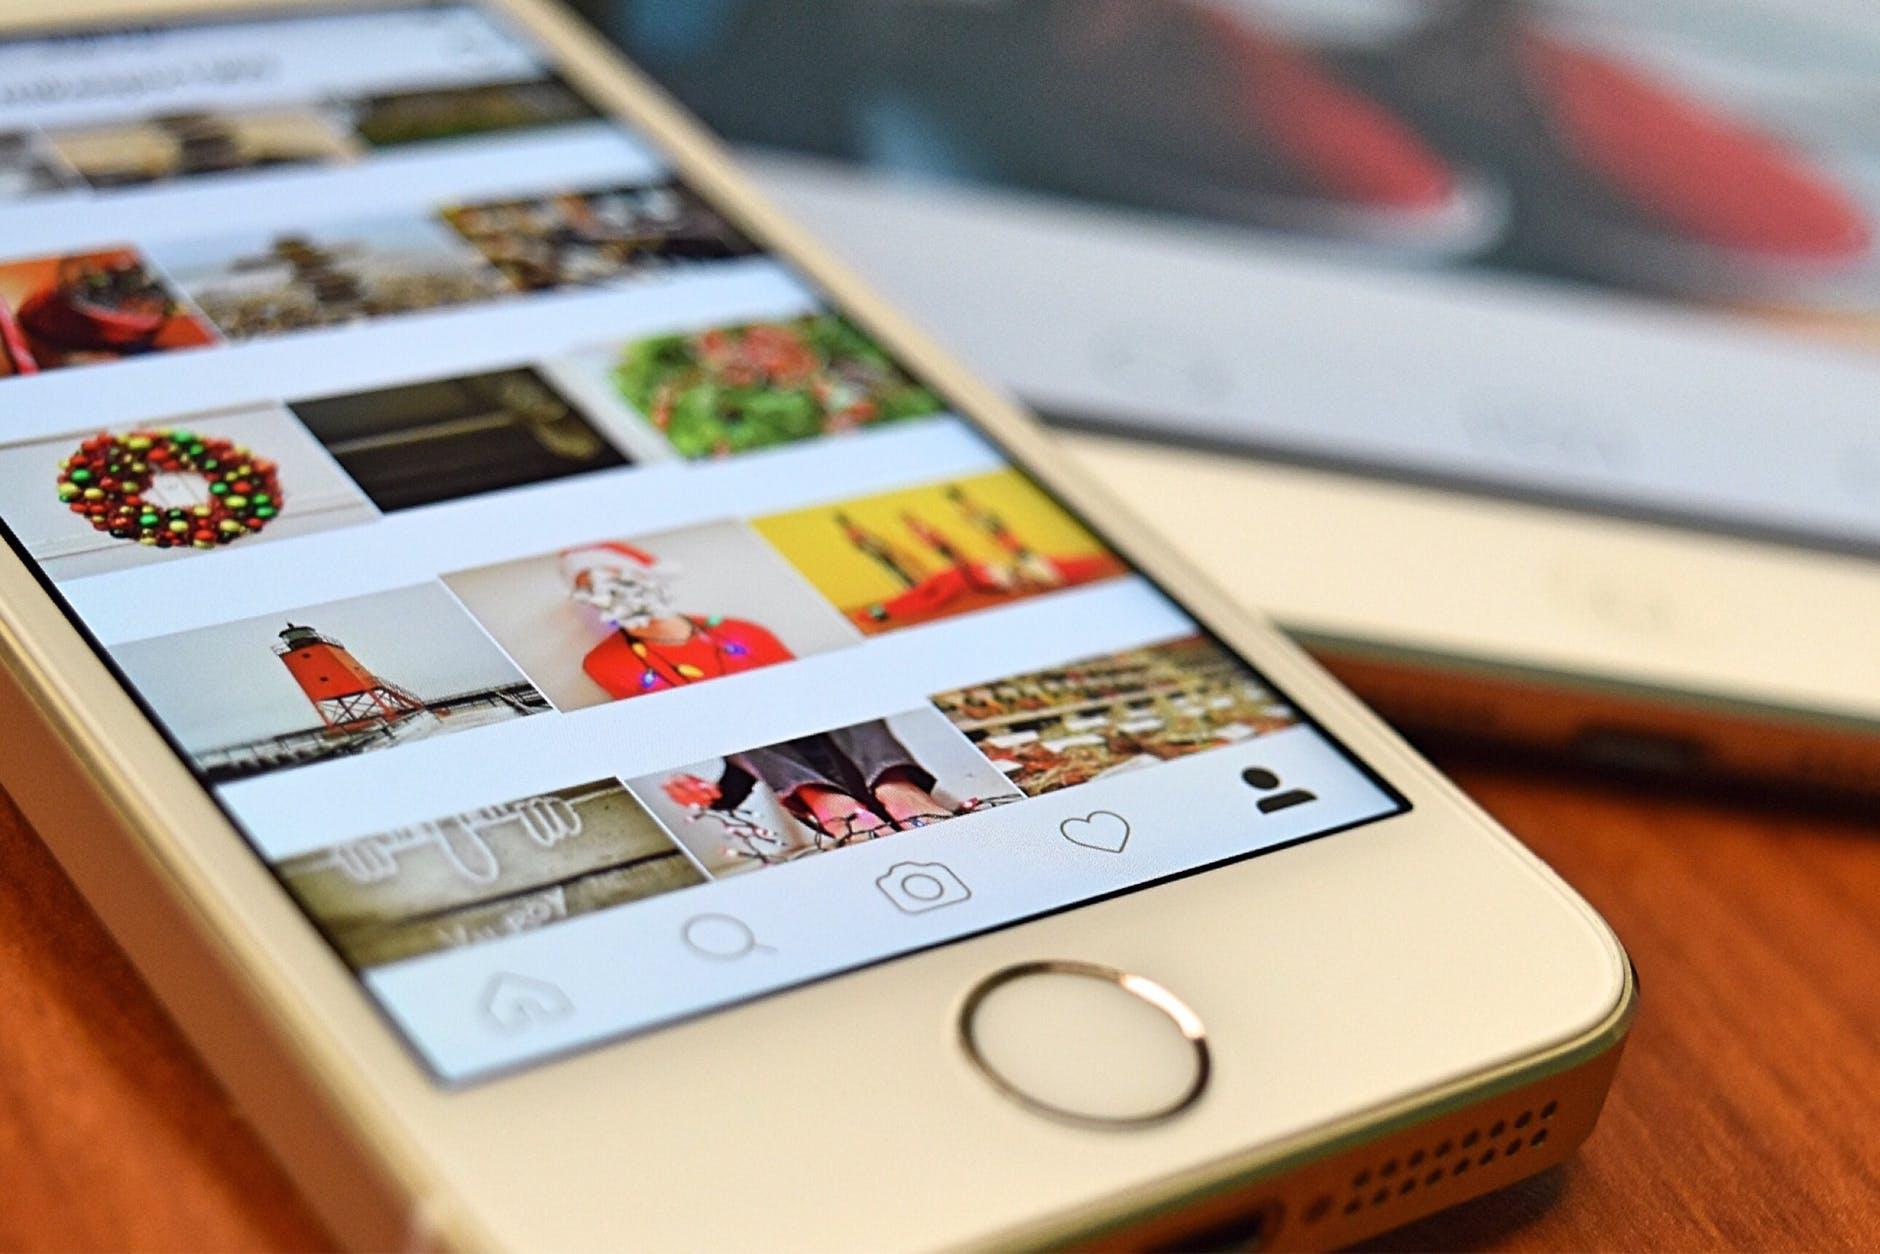 Instagram sta introducendo le Stories per le scuole, secondo alcuni rumors